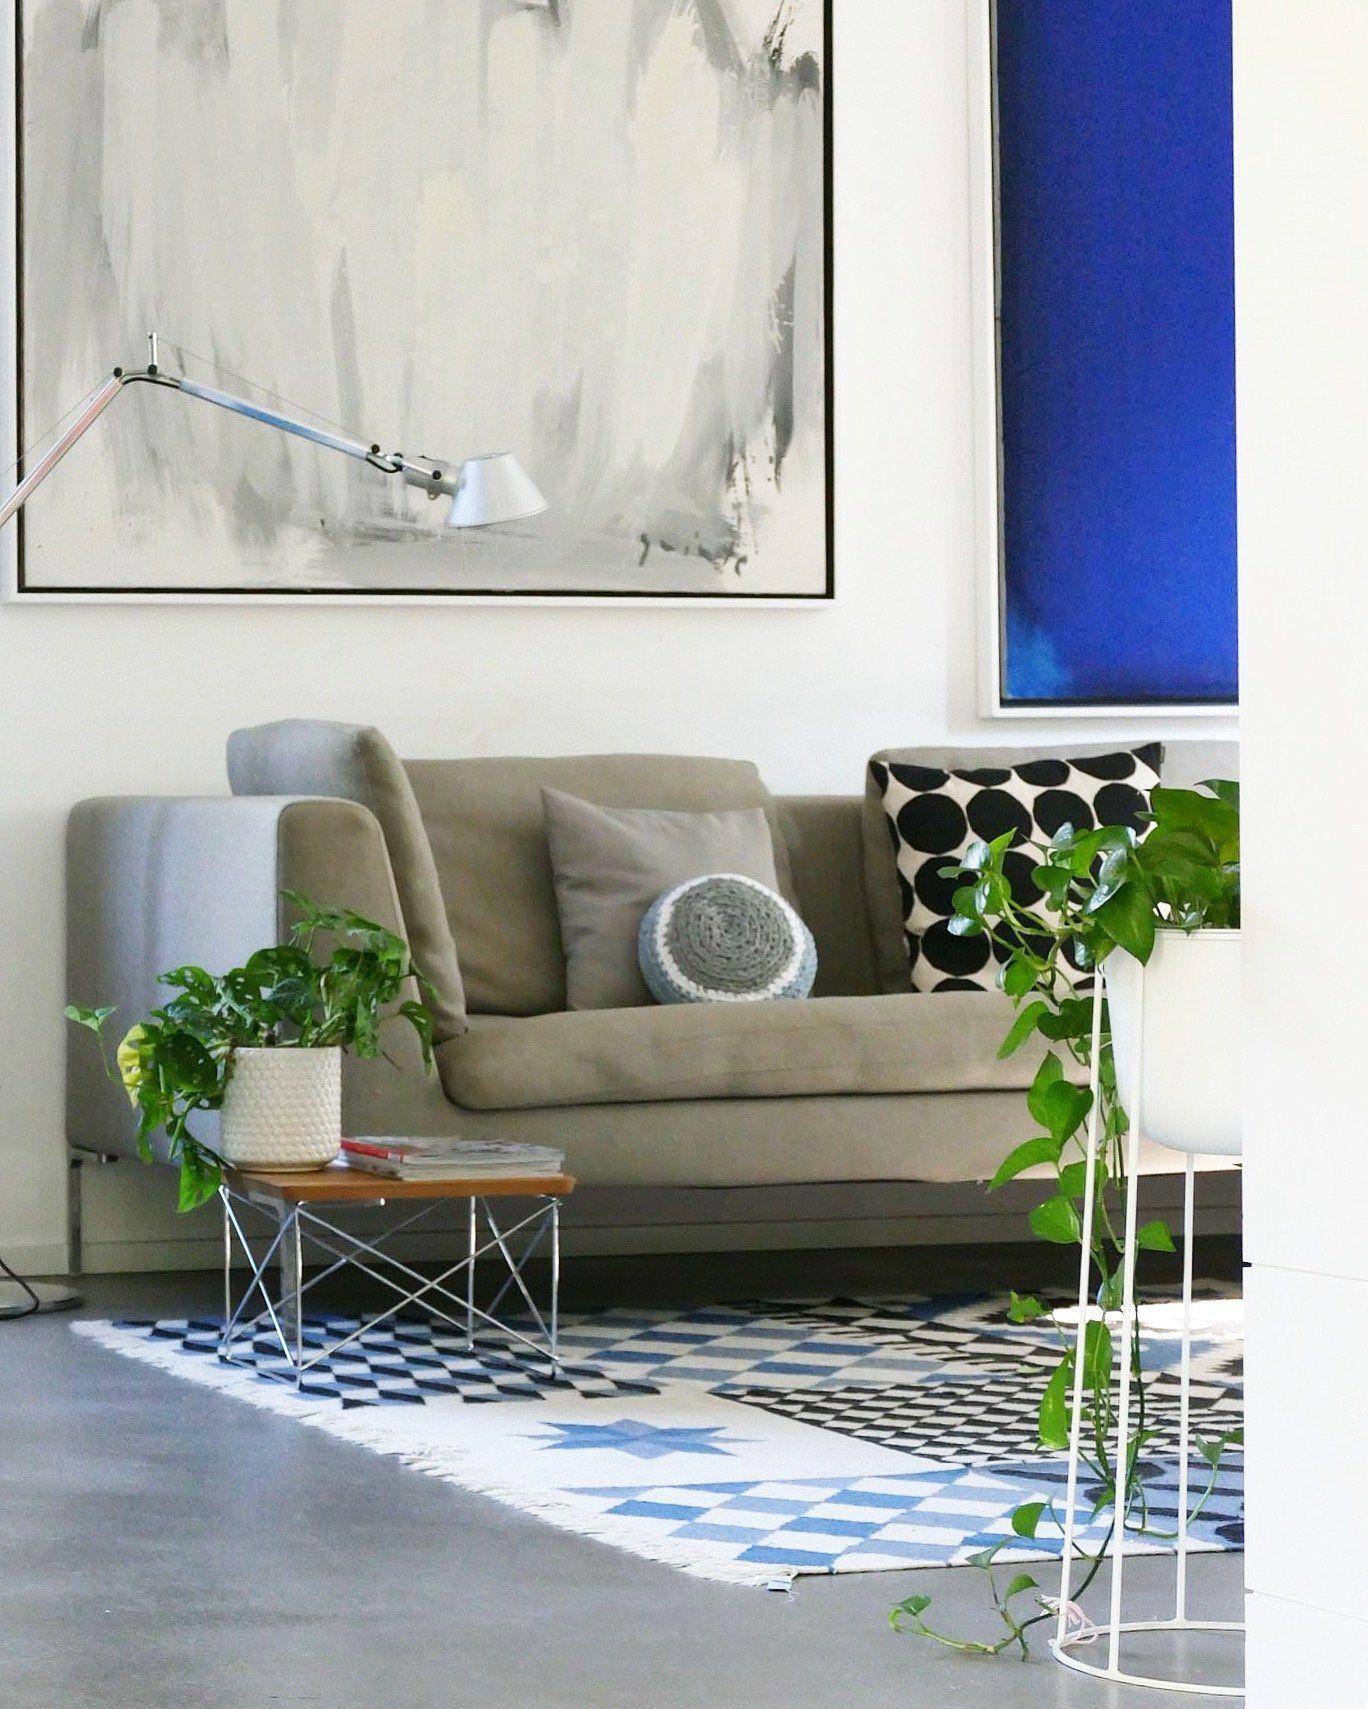 Gelbe Couch Welche Wandfarbe  Graues Sofa Wandfarbe Blau Ahoipopoide Kaminofen Brian Von